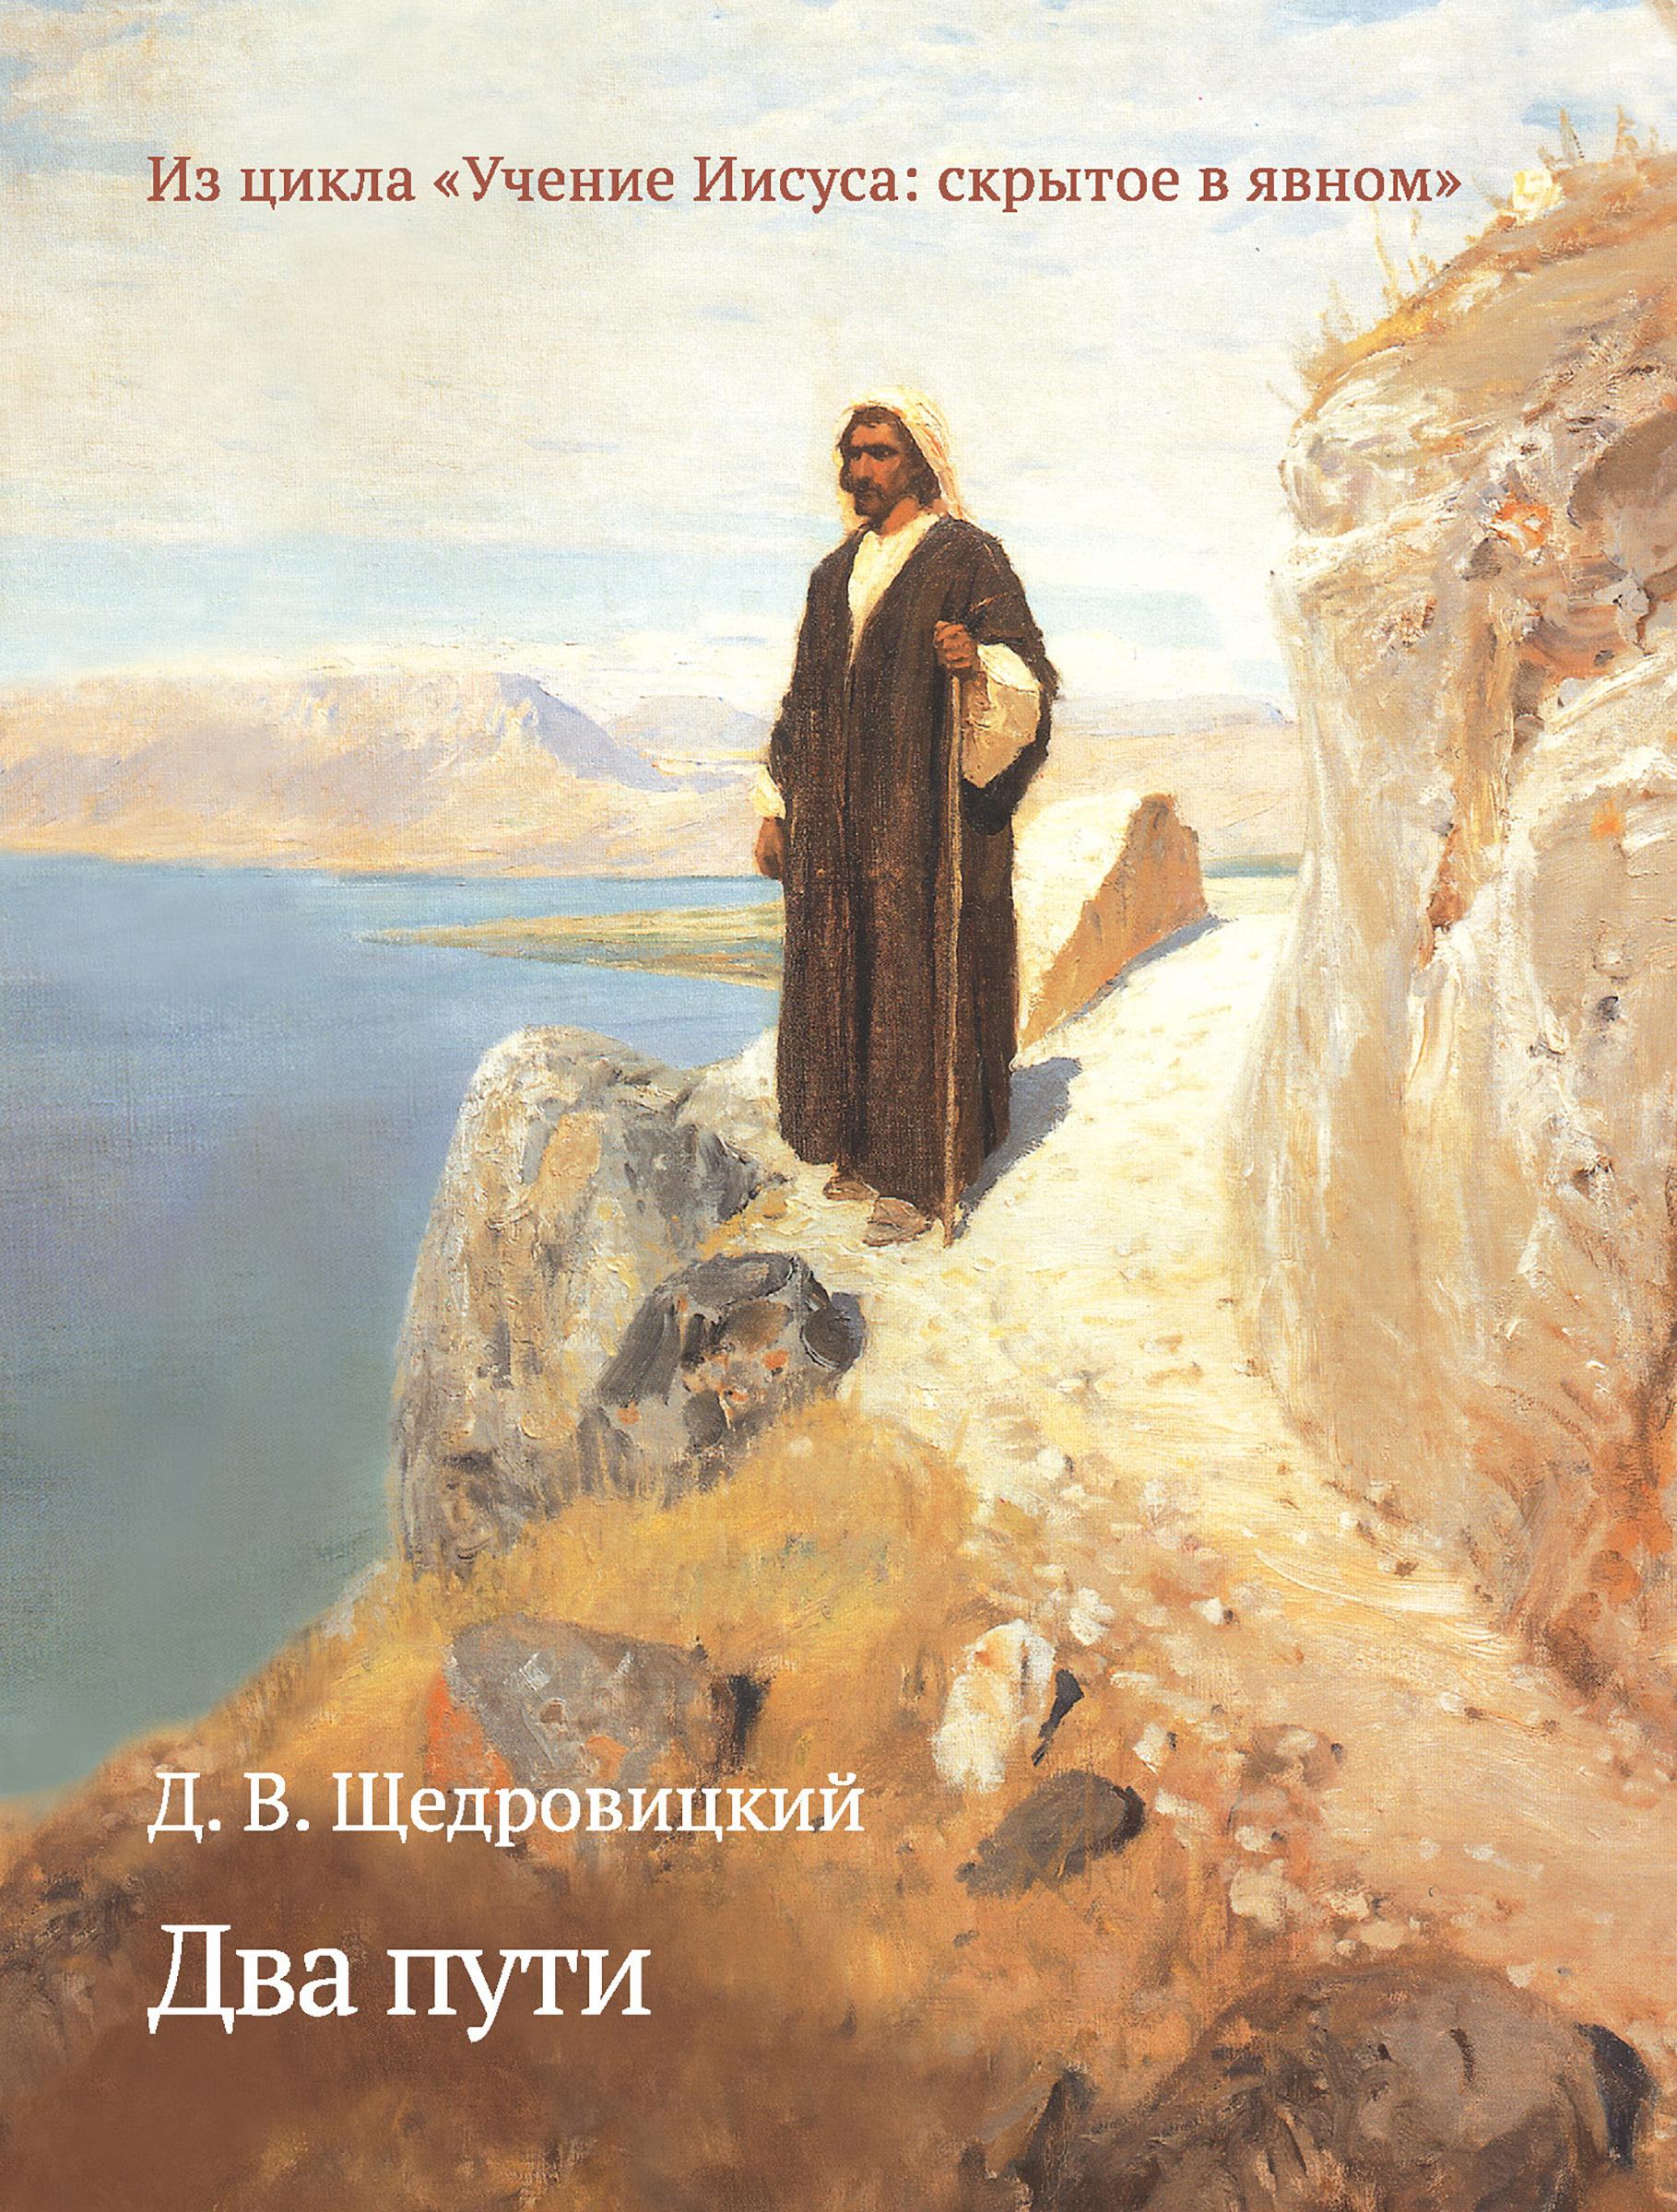 Дмитрий Щедровицкий Два пути щедровицкий д в внутренний человек из цикла учение иисуса скрытое в явном